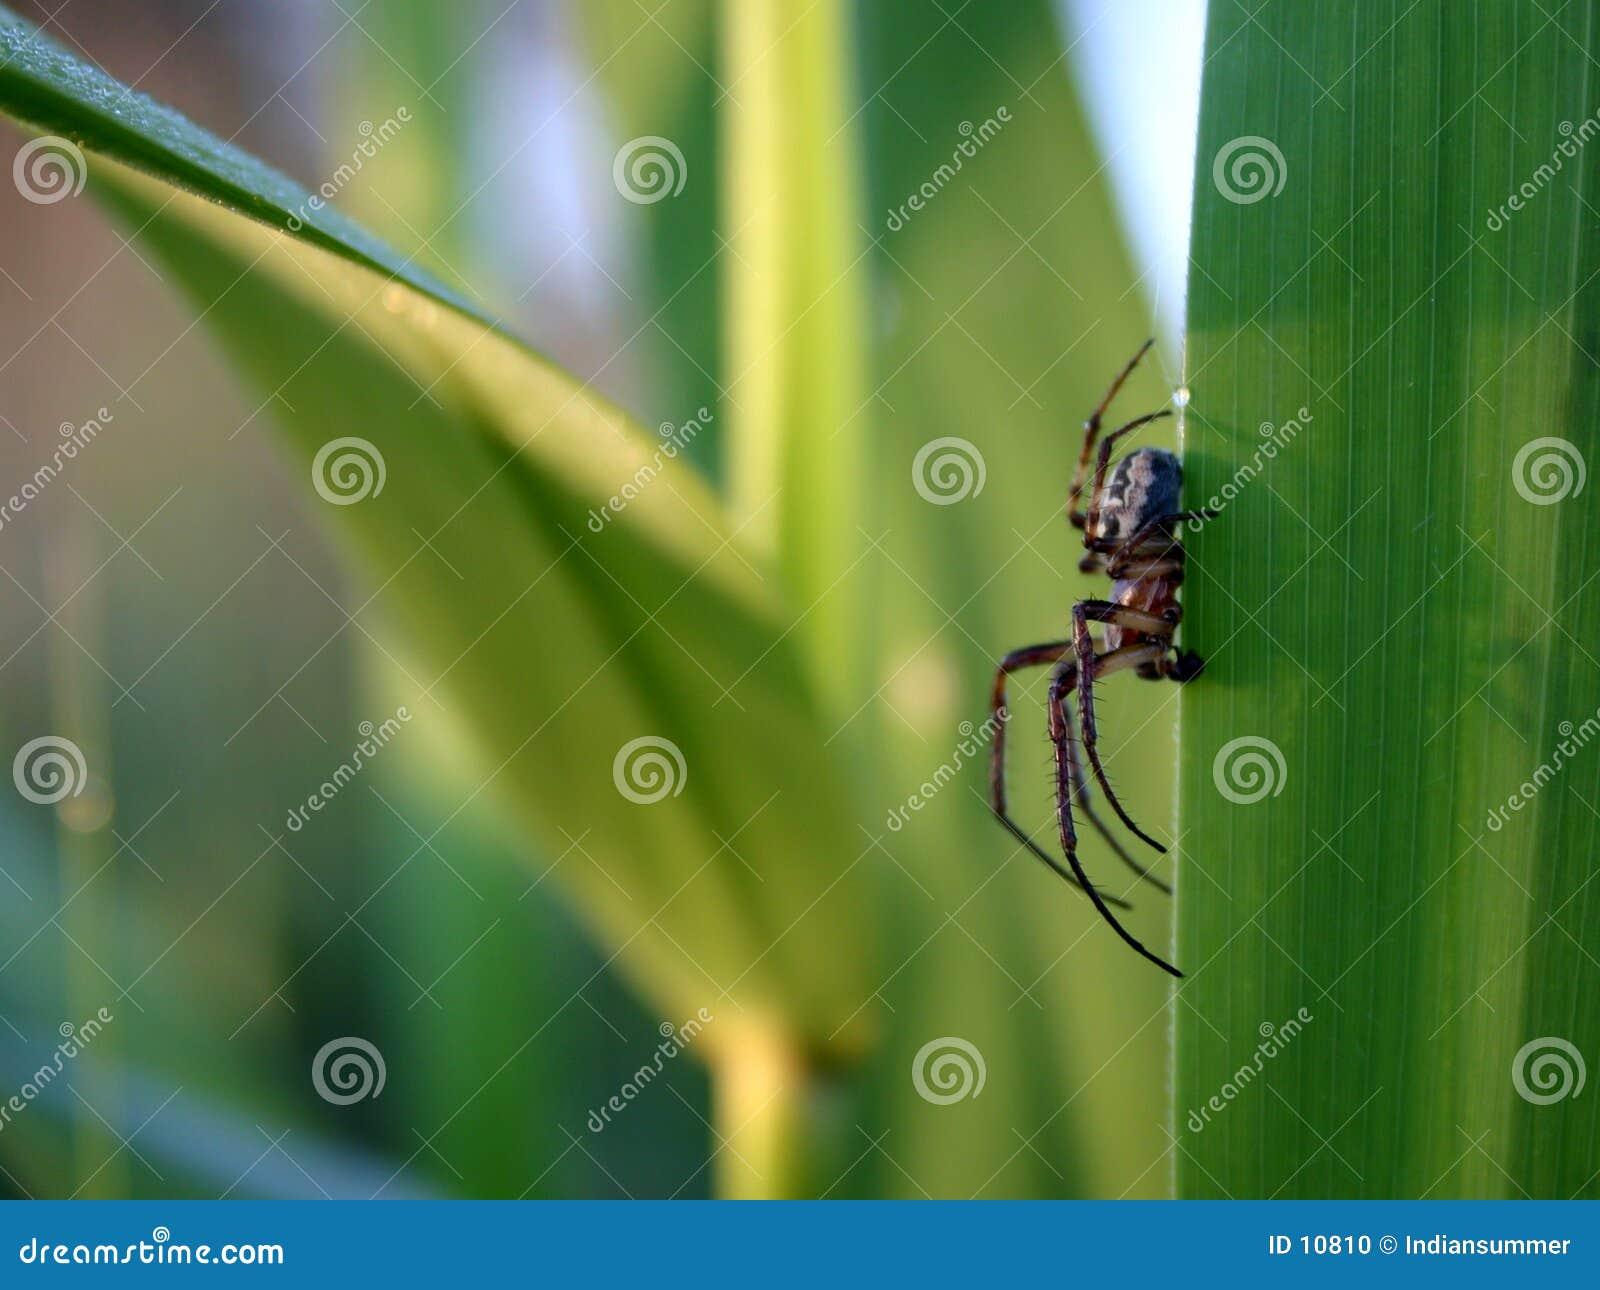 Bug s life